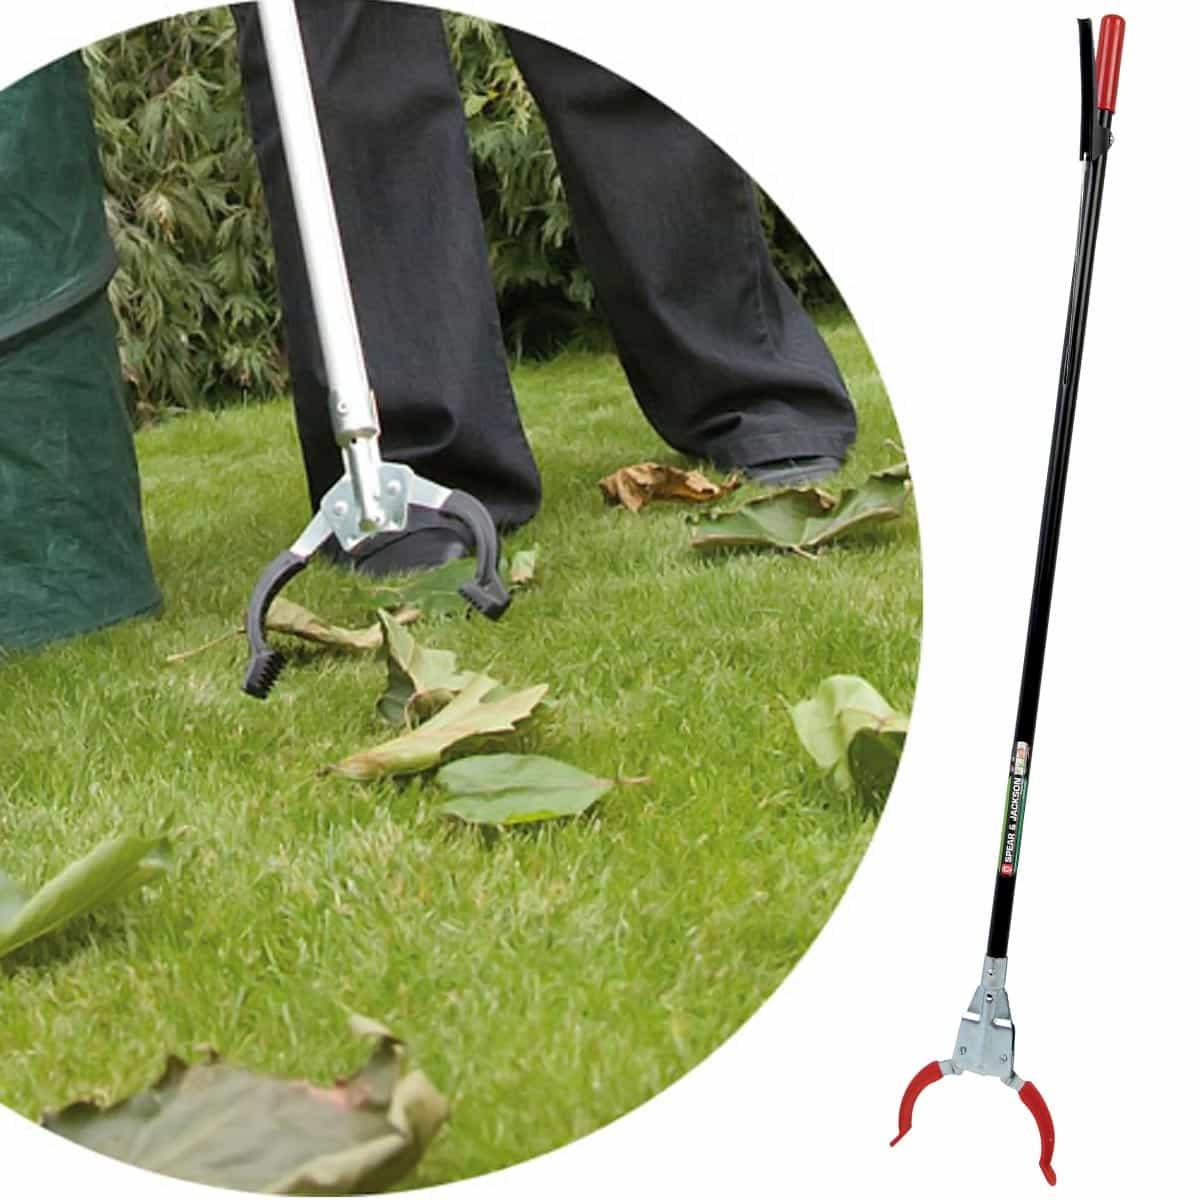 Pince ramasse d chets robuste outil entretien de la pelouse for Entretien outils jardin